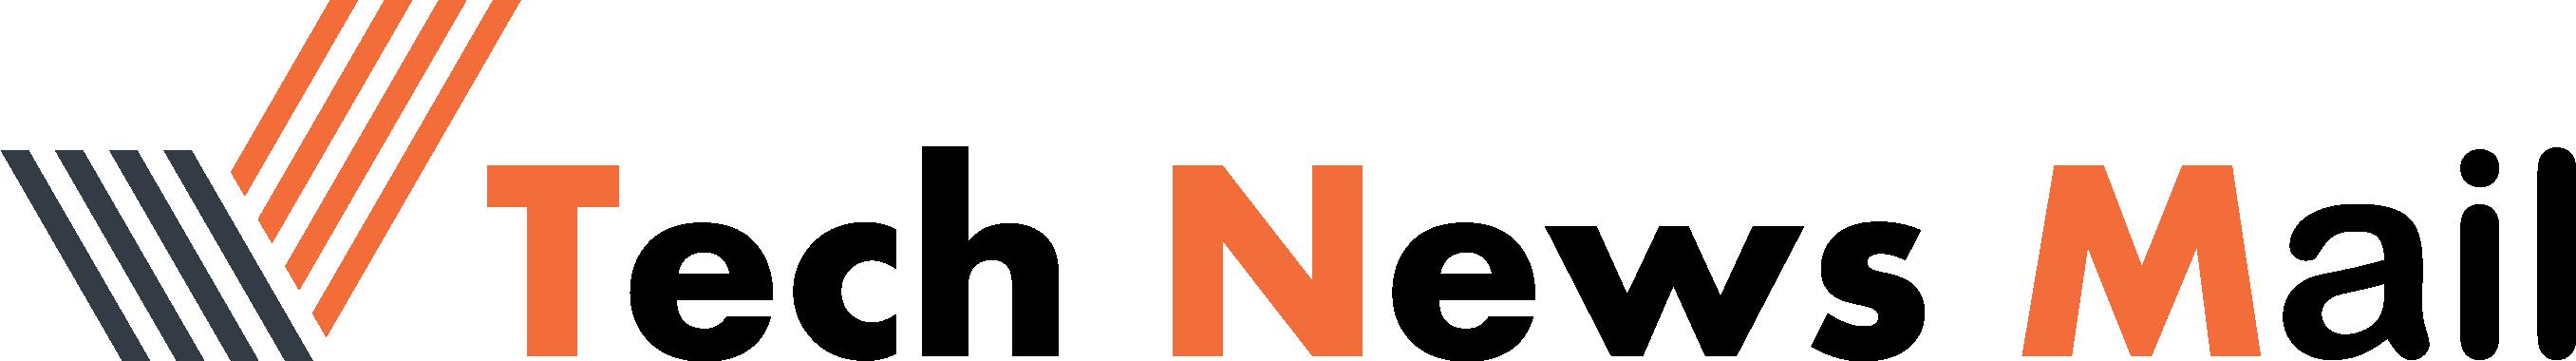 TechNewsMail